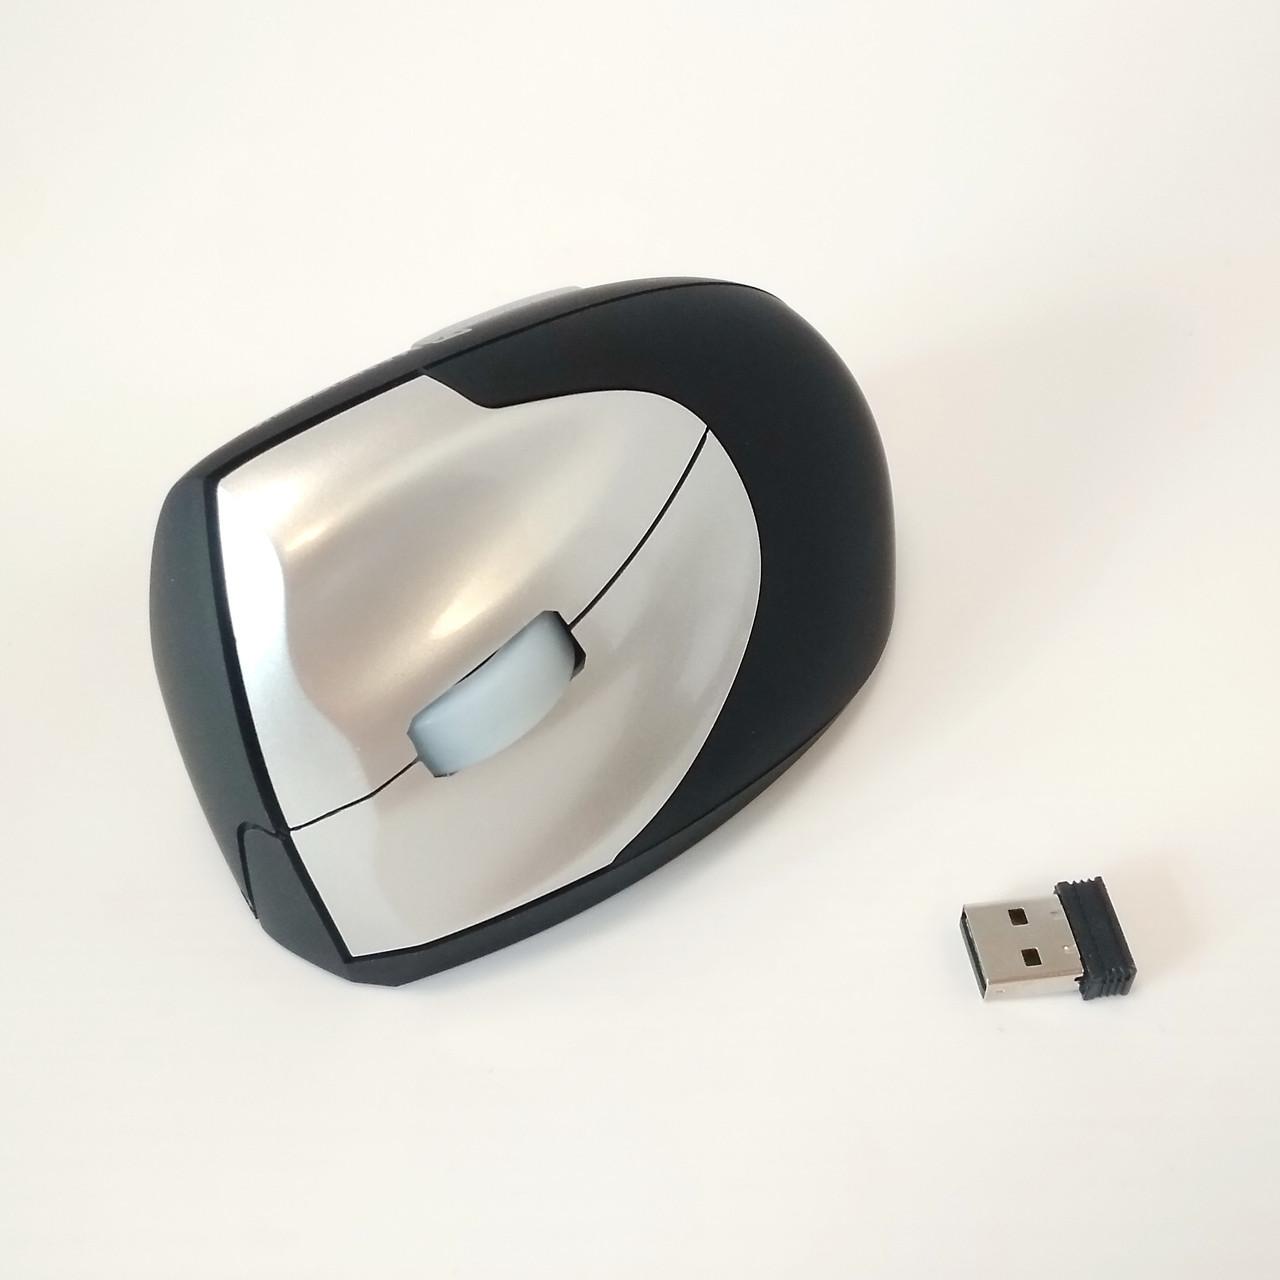 Мышь вертикальная беспроводная для левой руки Mantis Tek VM2